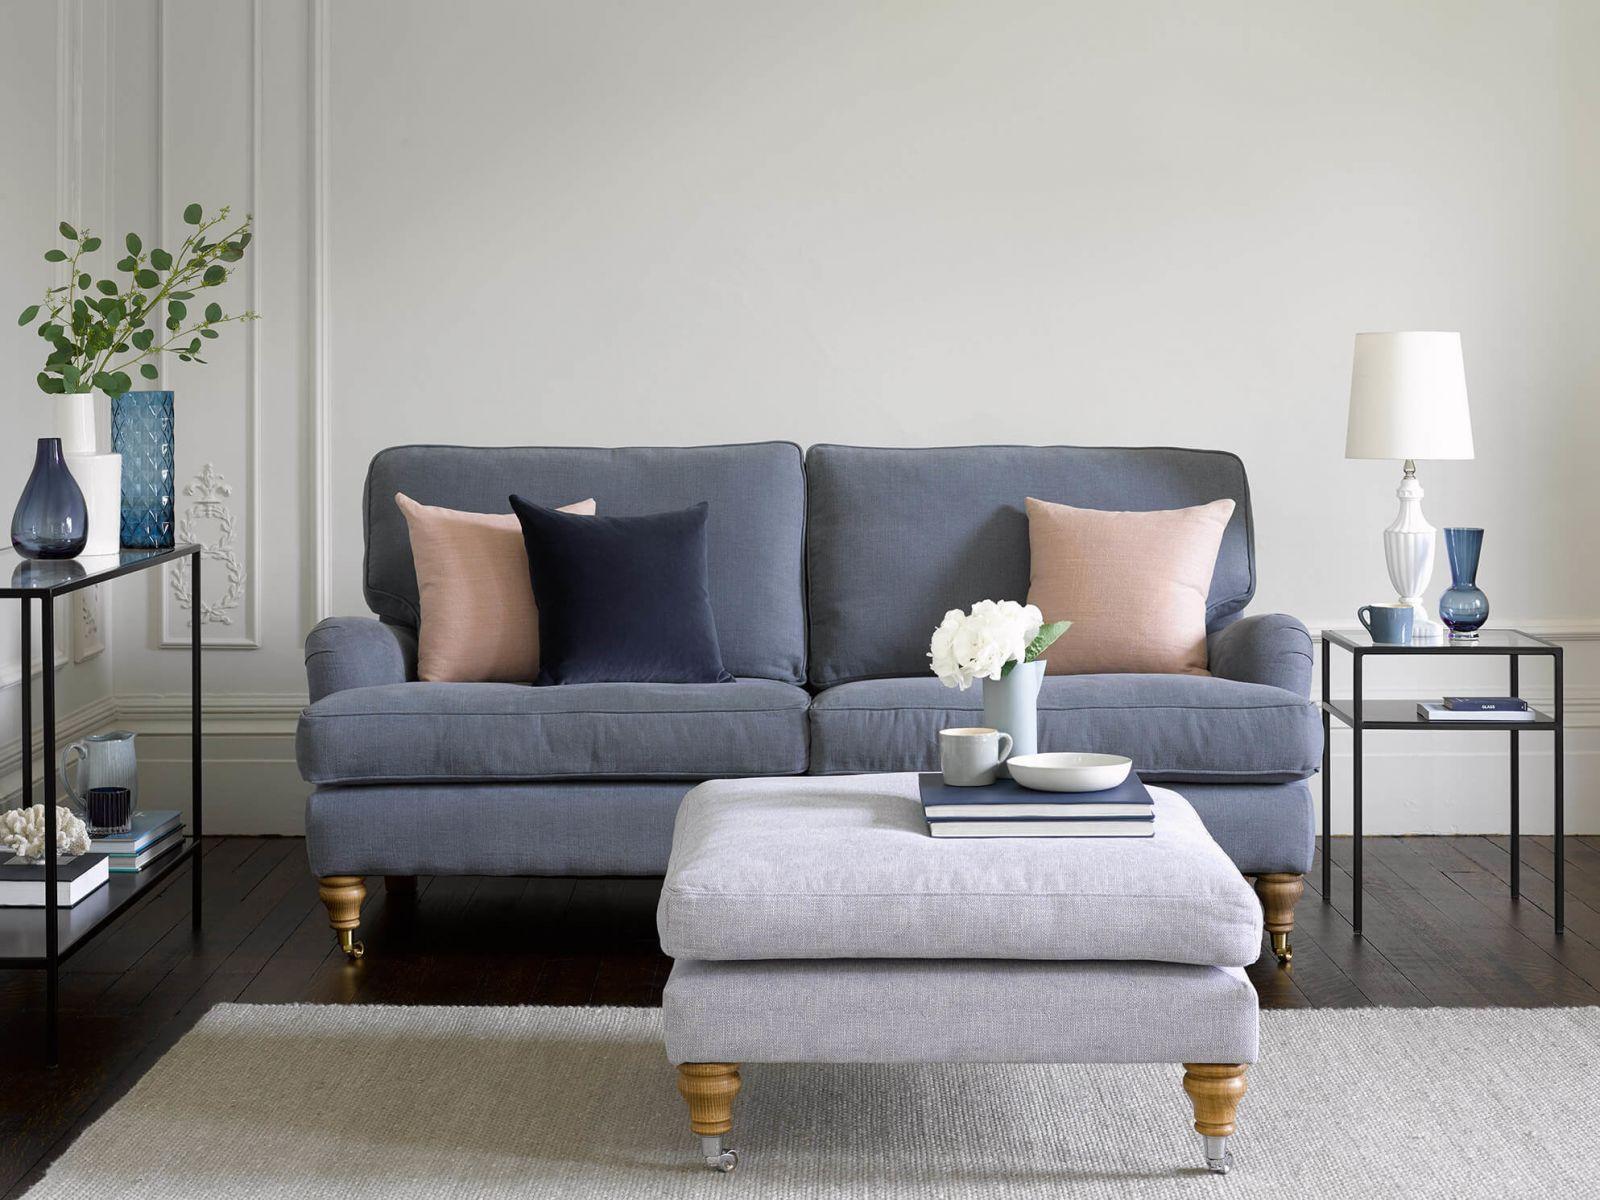 Диван - главный элемент гостиной, а значит должен сочетать в себе яркую индивидуальность владельца и многофункциональность.